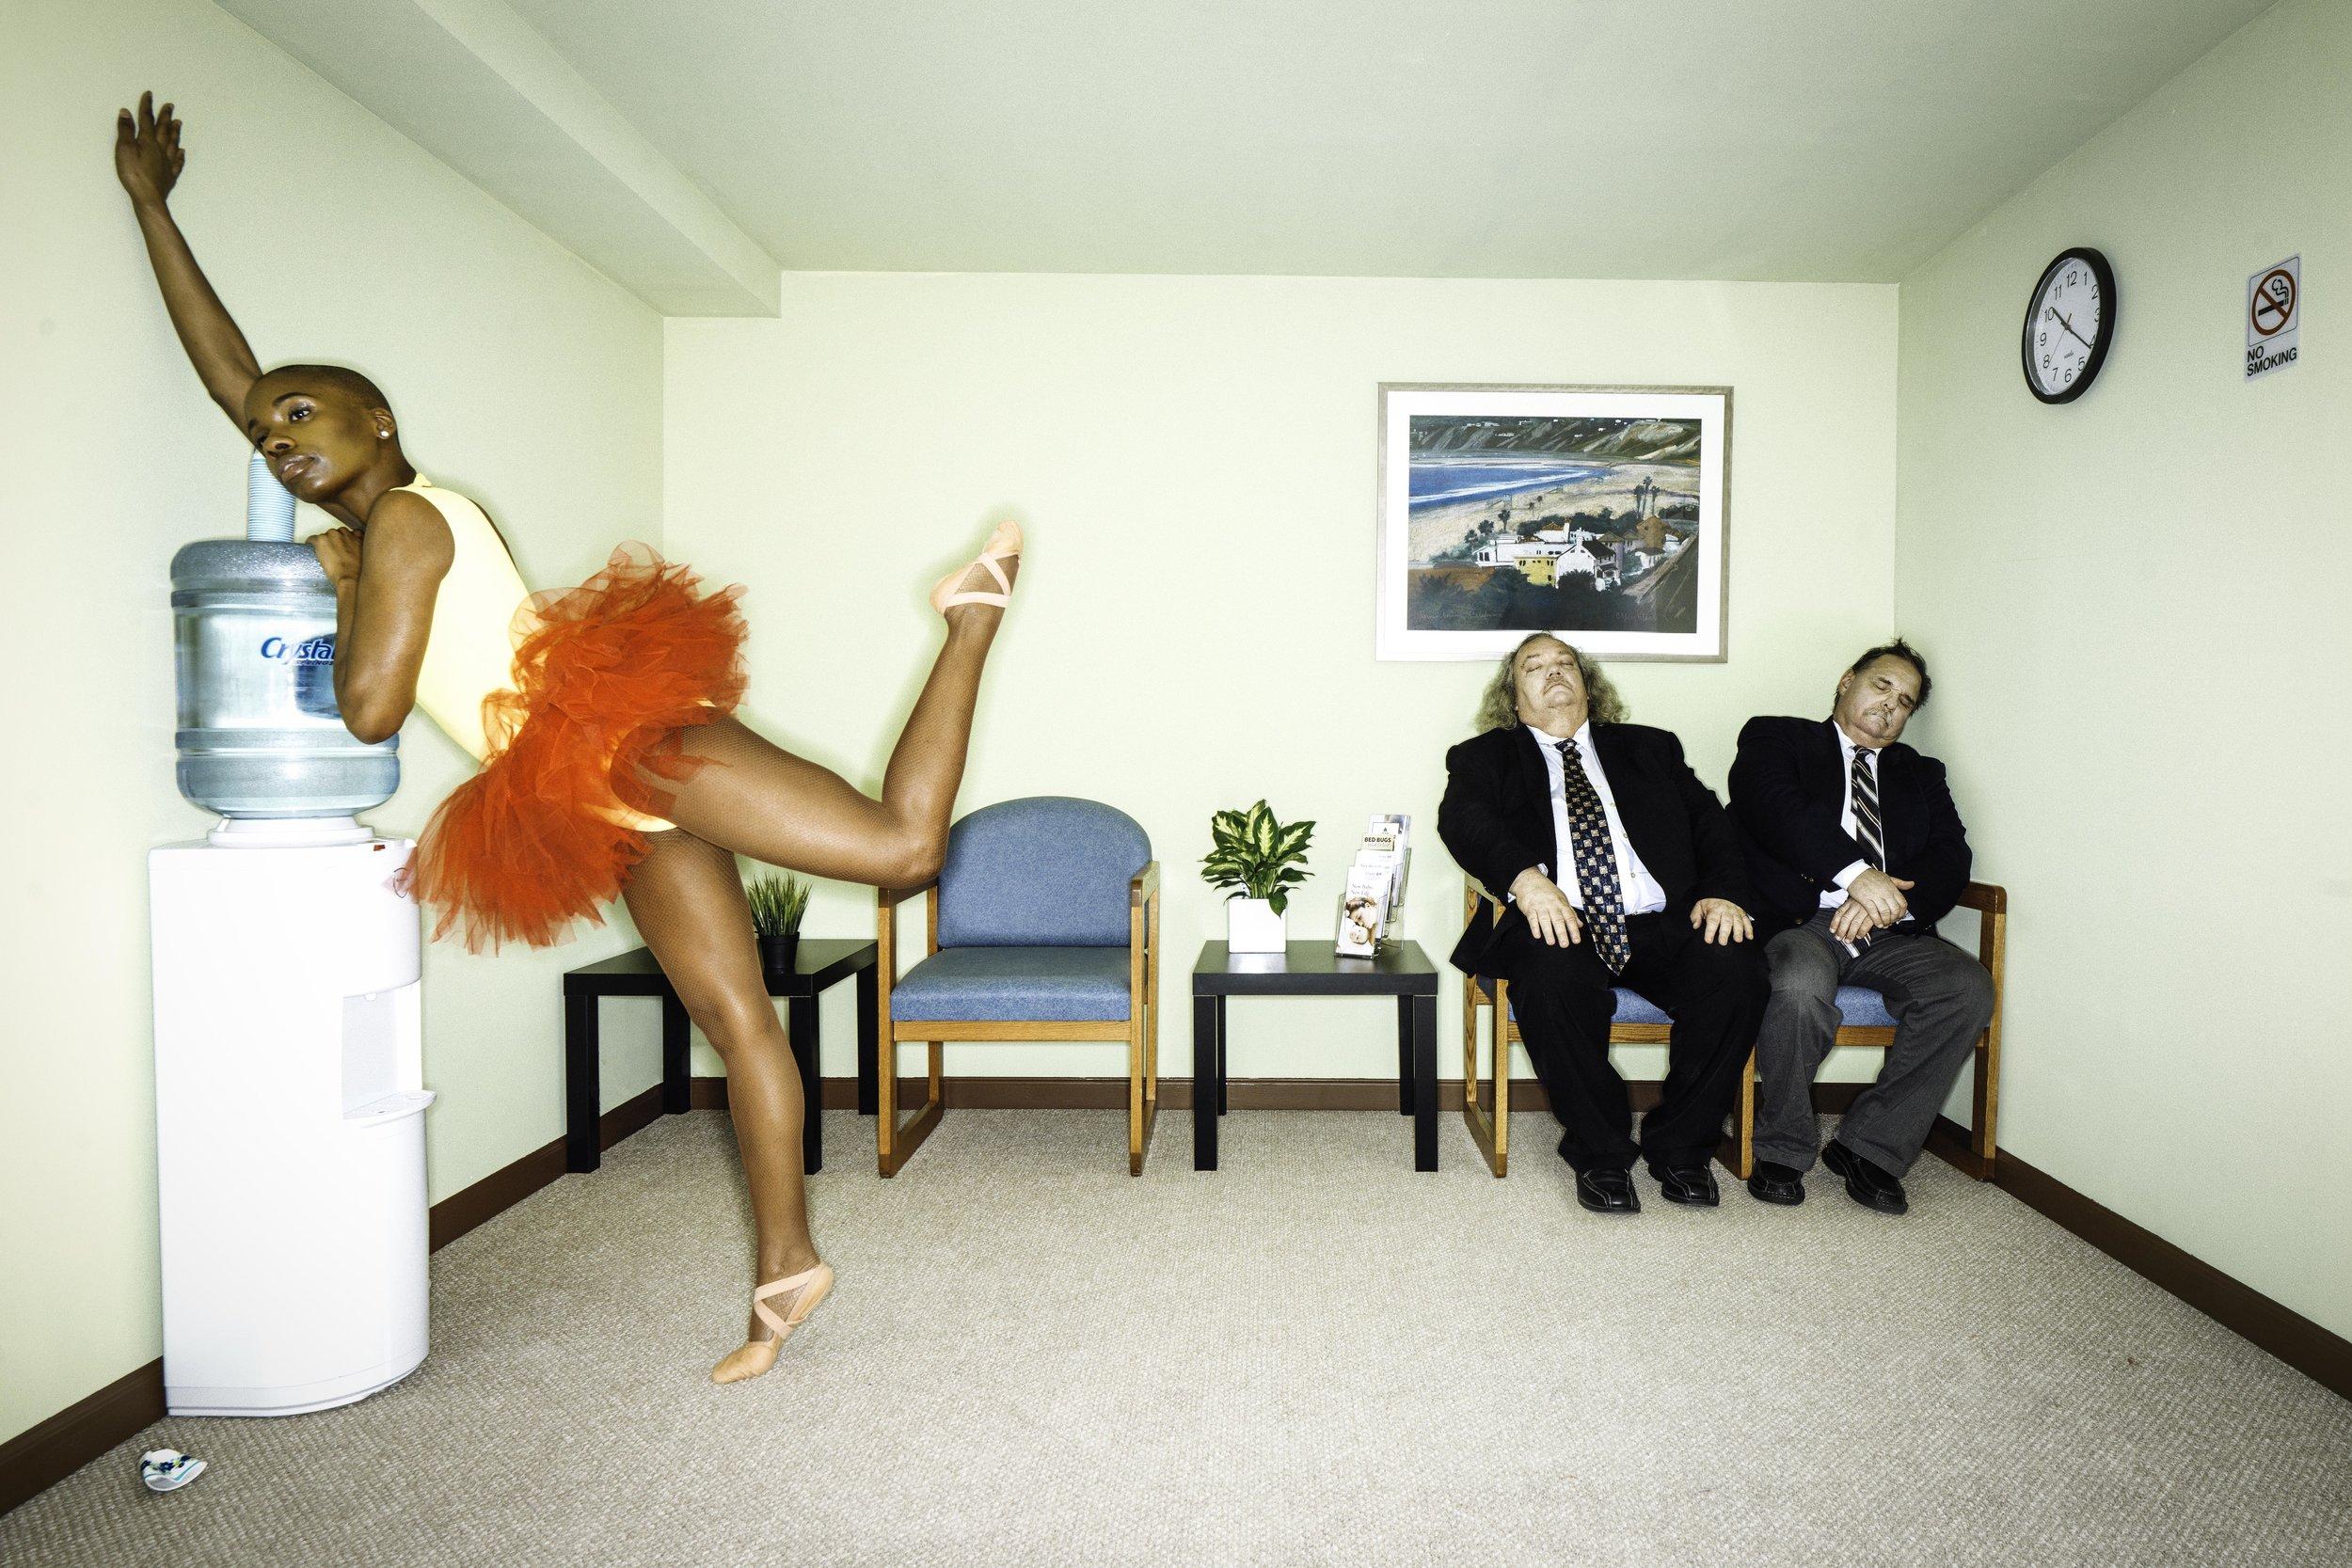 balletfinalforweb.jpg